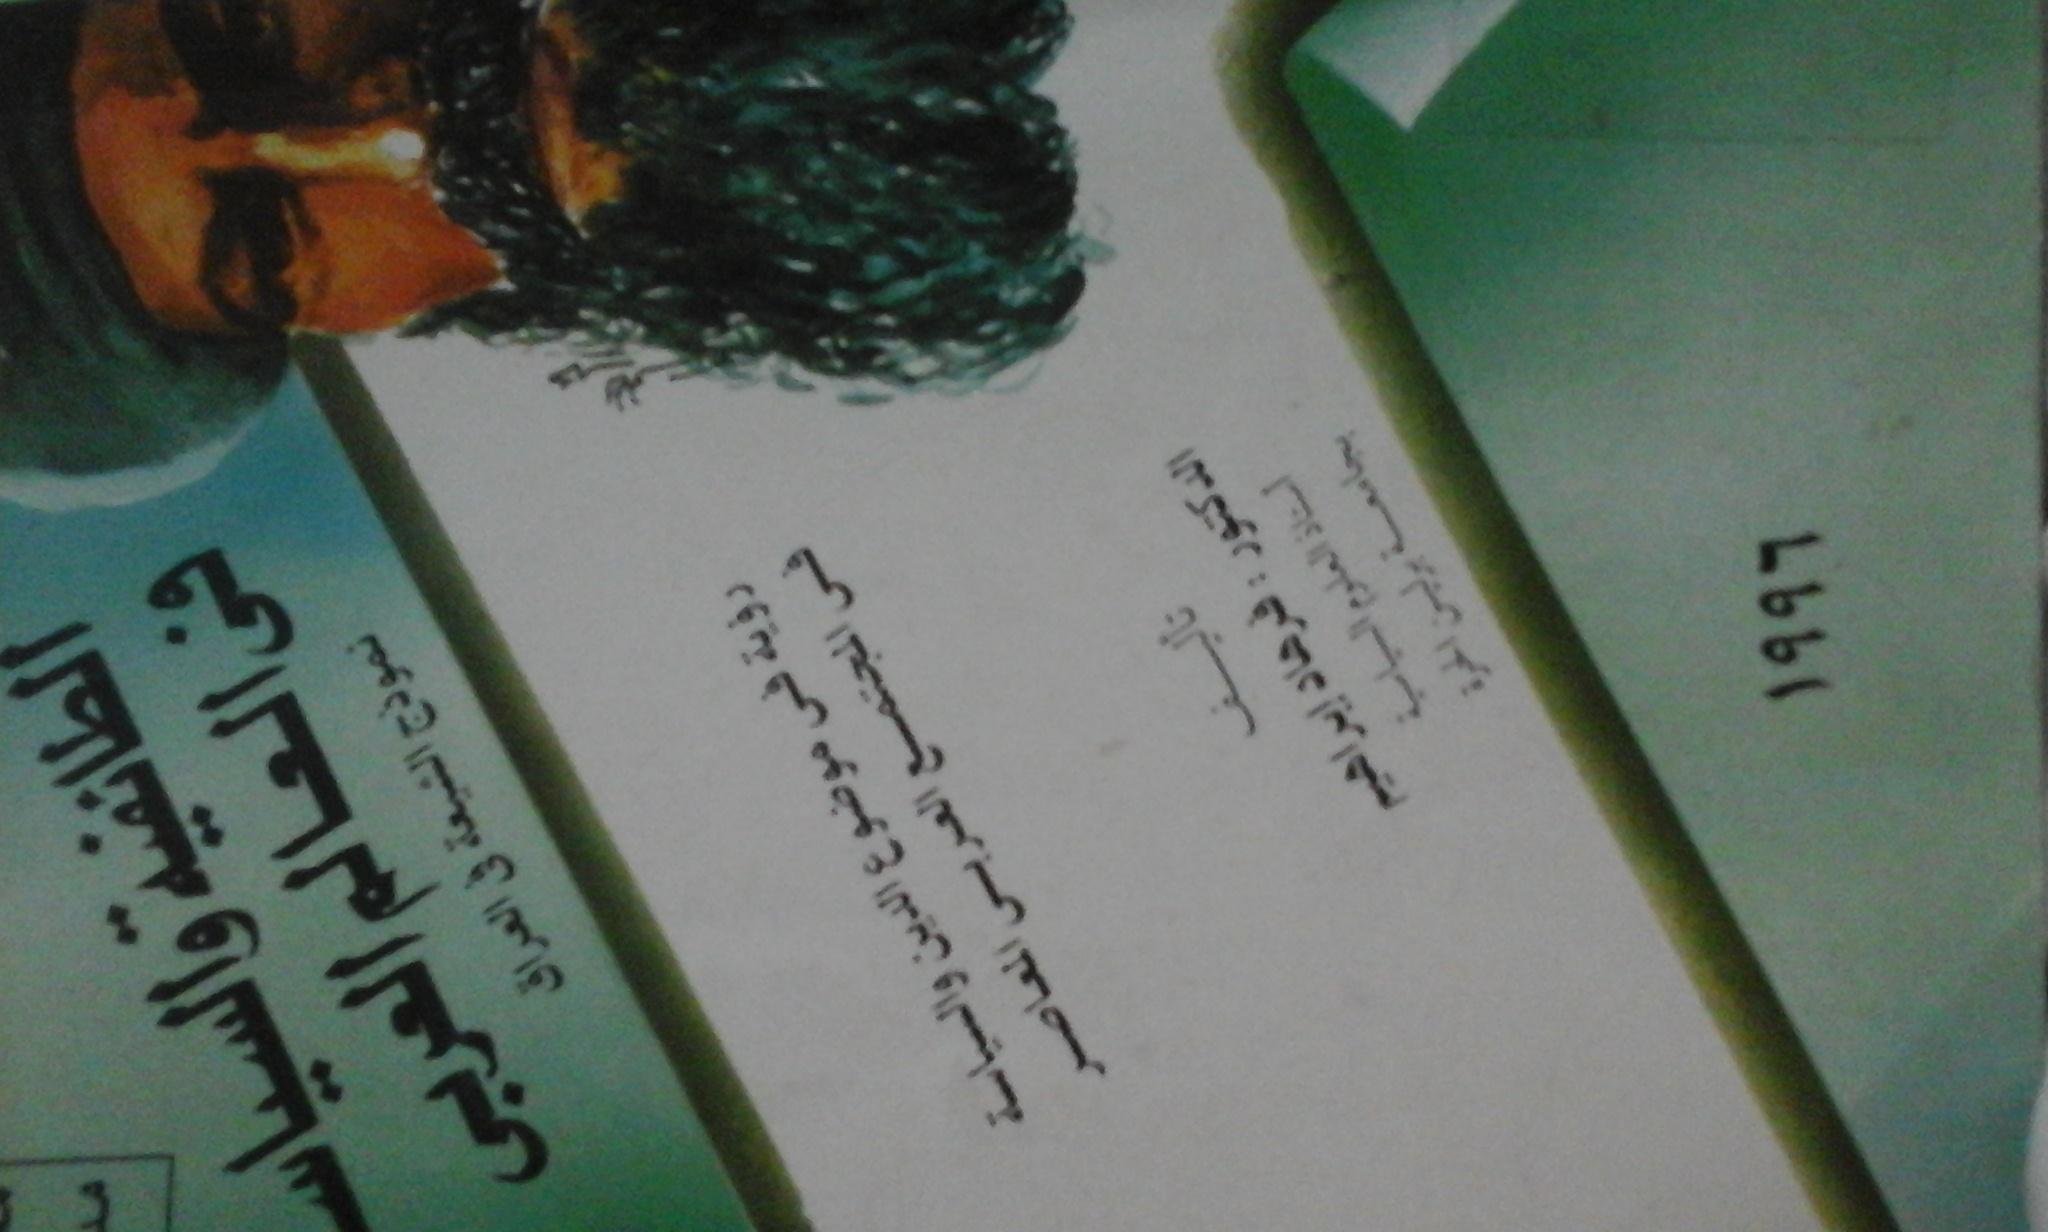 الطائفية السياسية في العالم العربي فرهاد إبراهيم